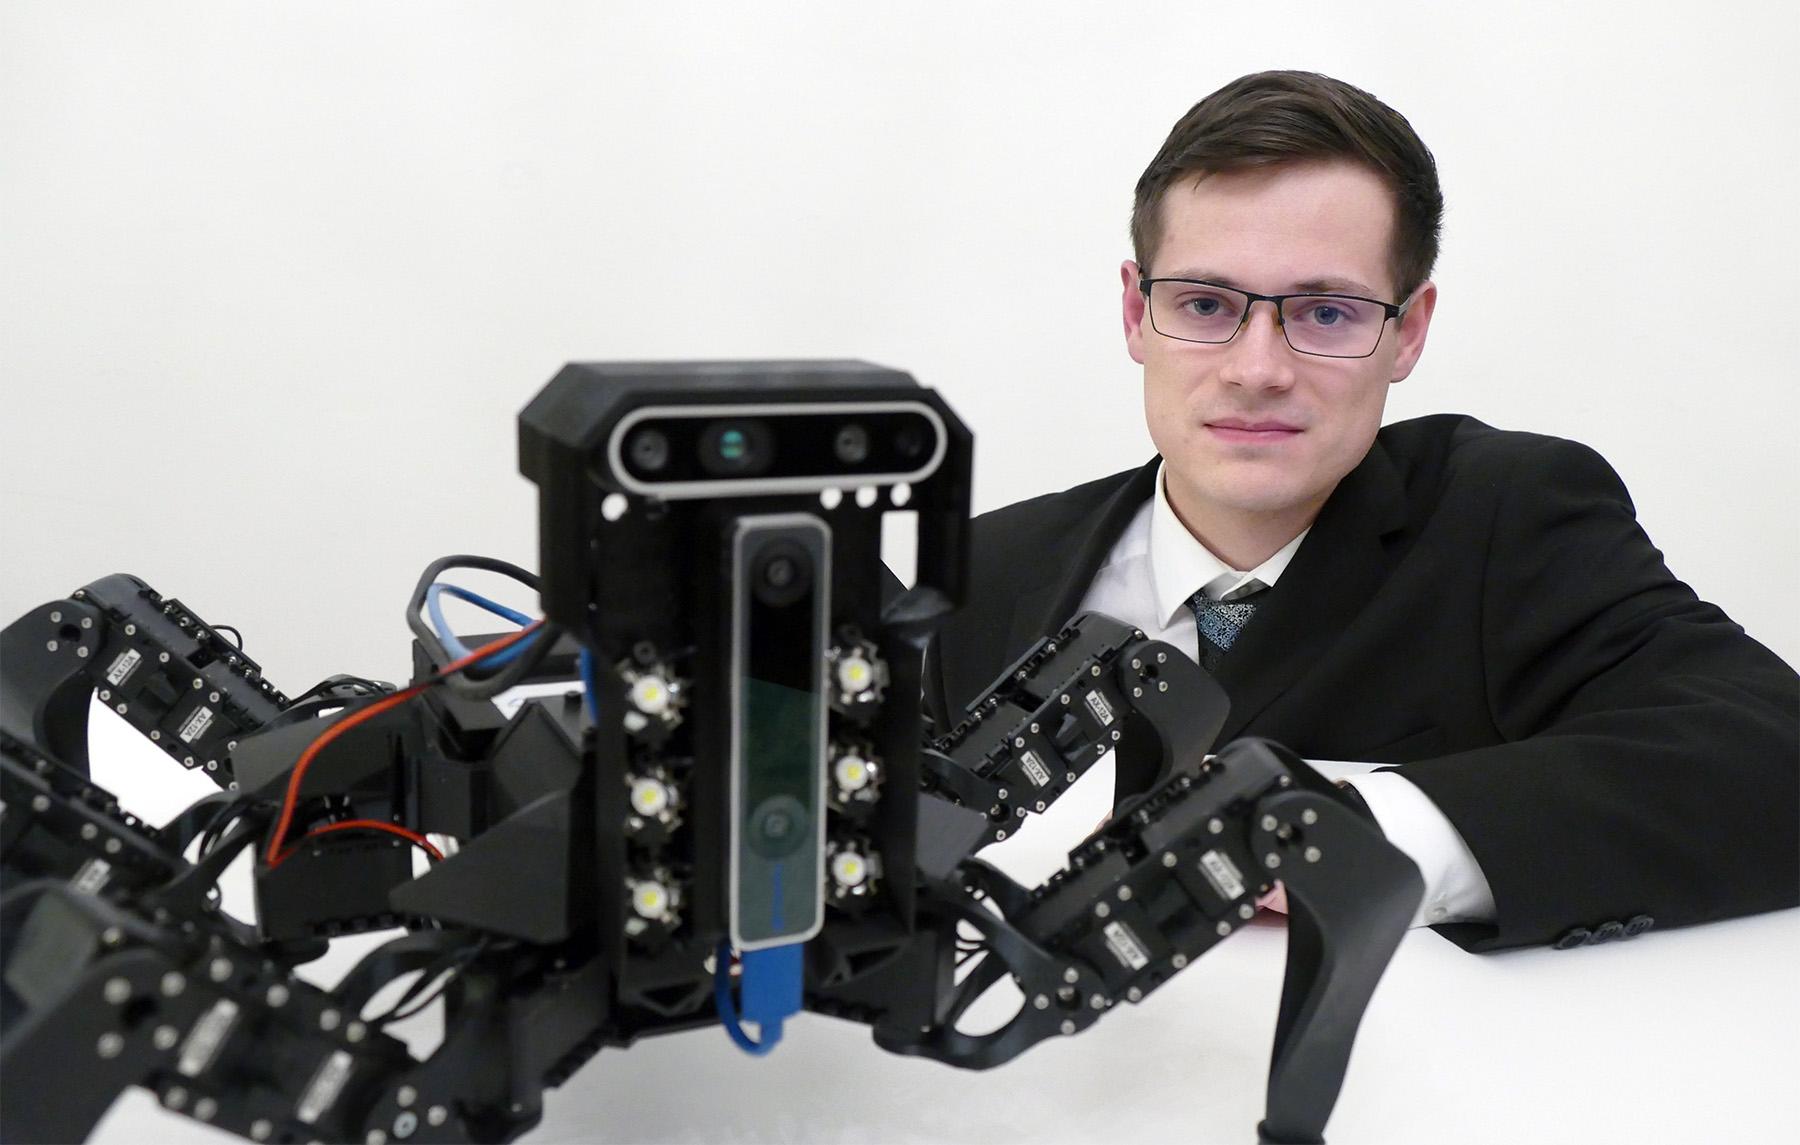 JAN BAYER LONSKY vitez IT SPY s testovacim robotem SM